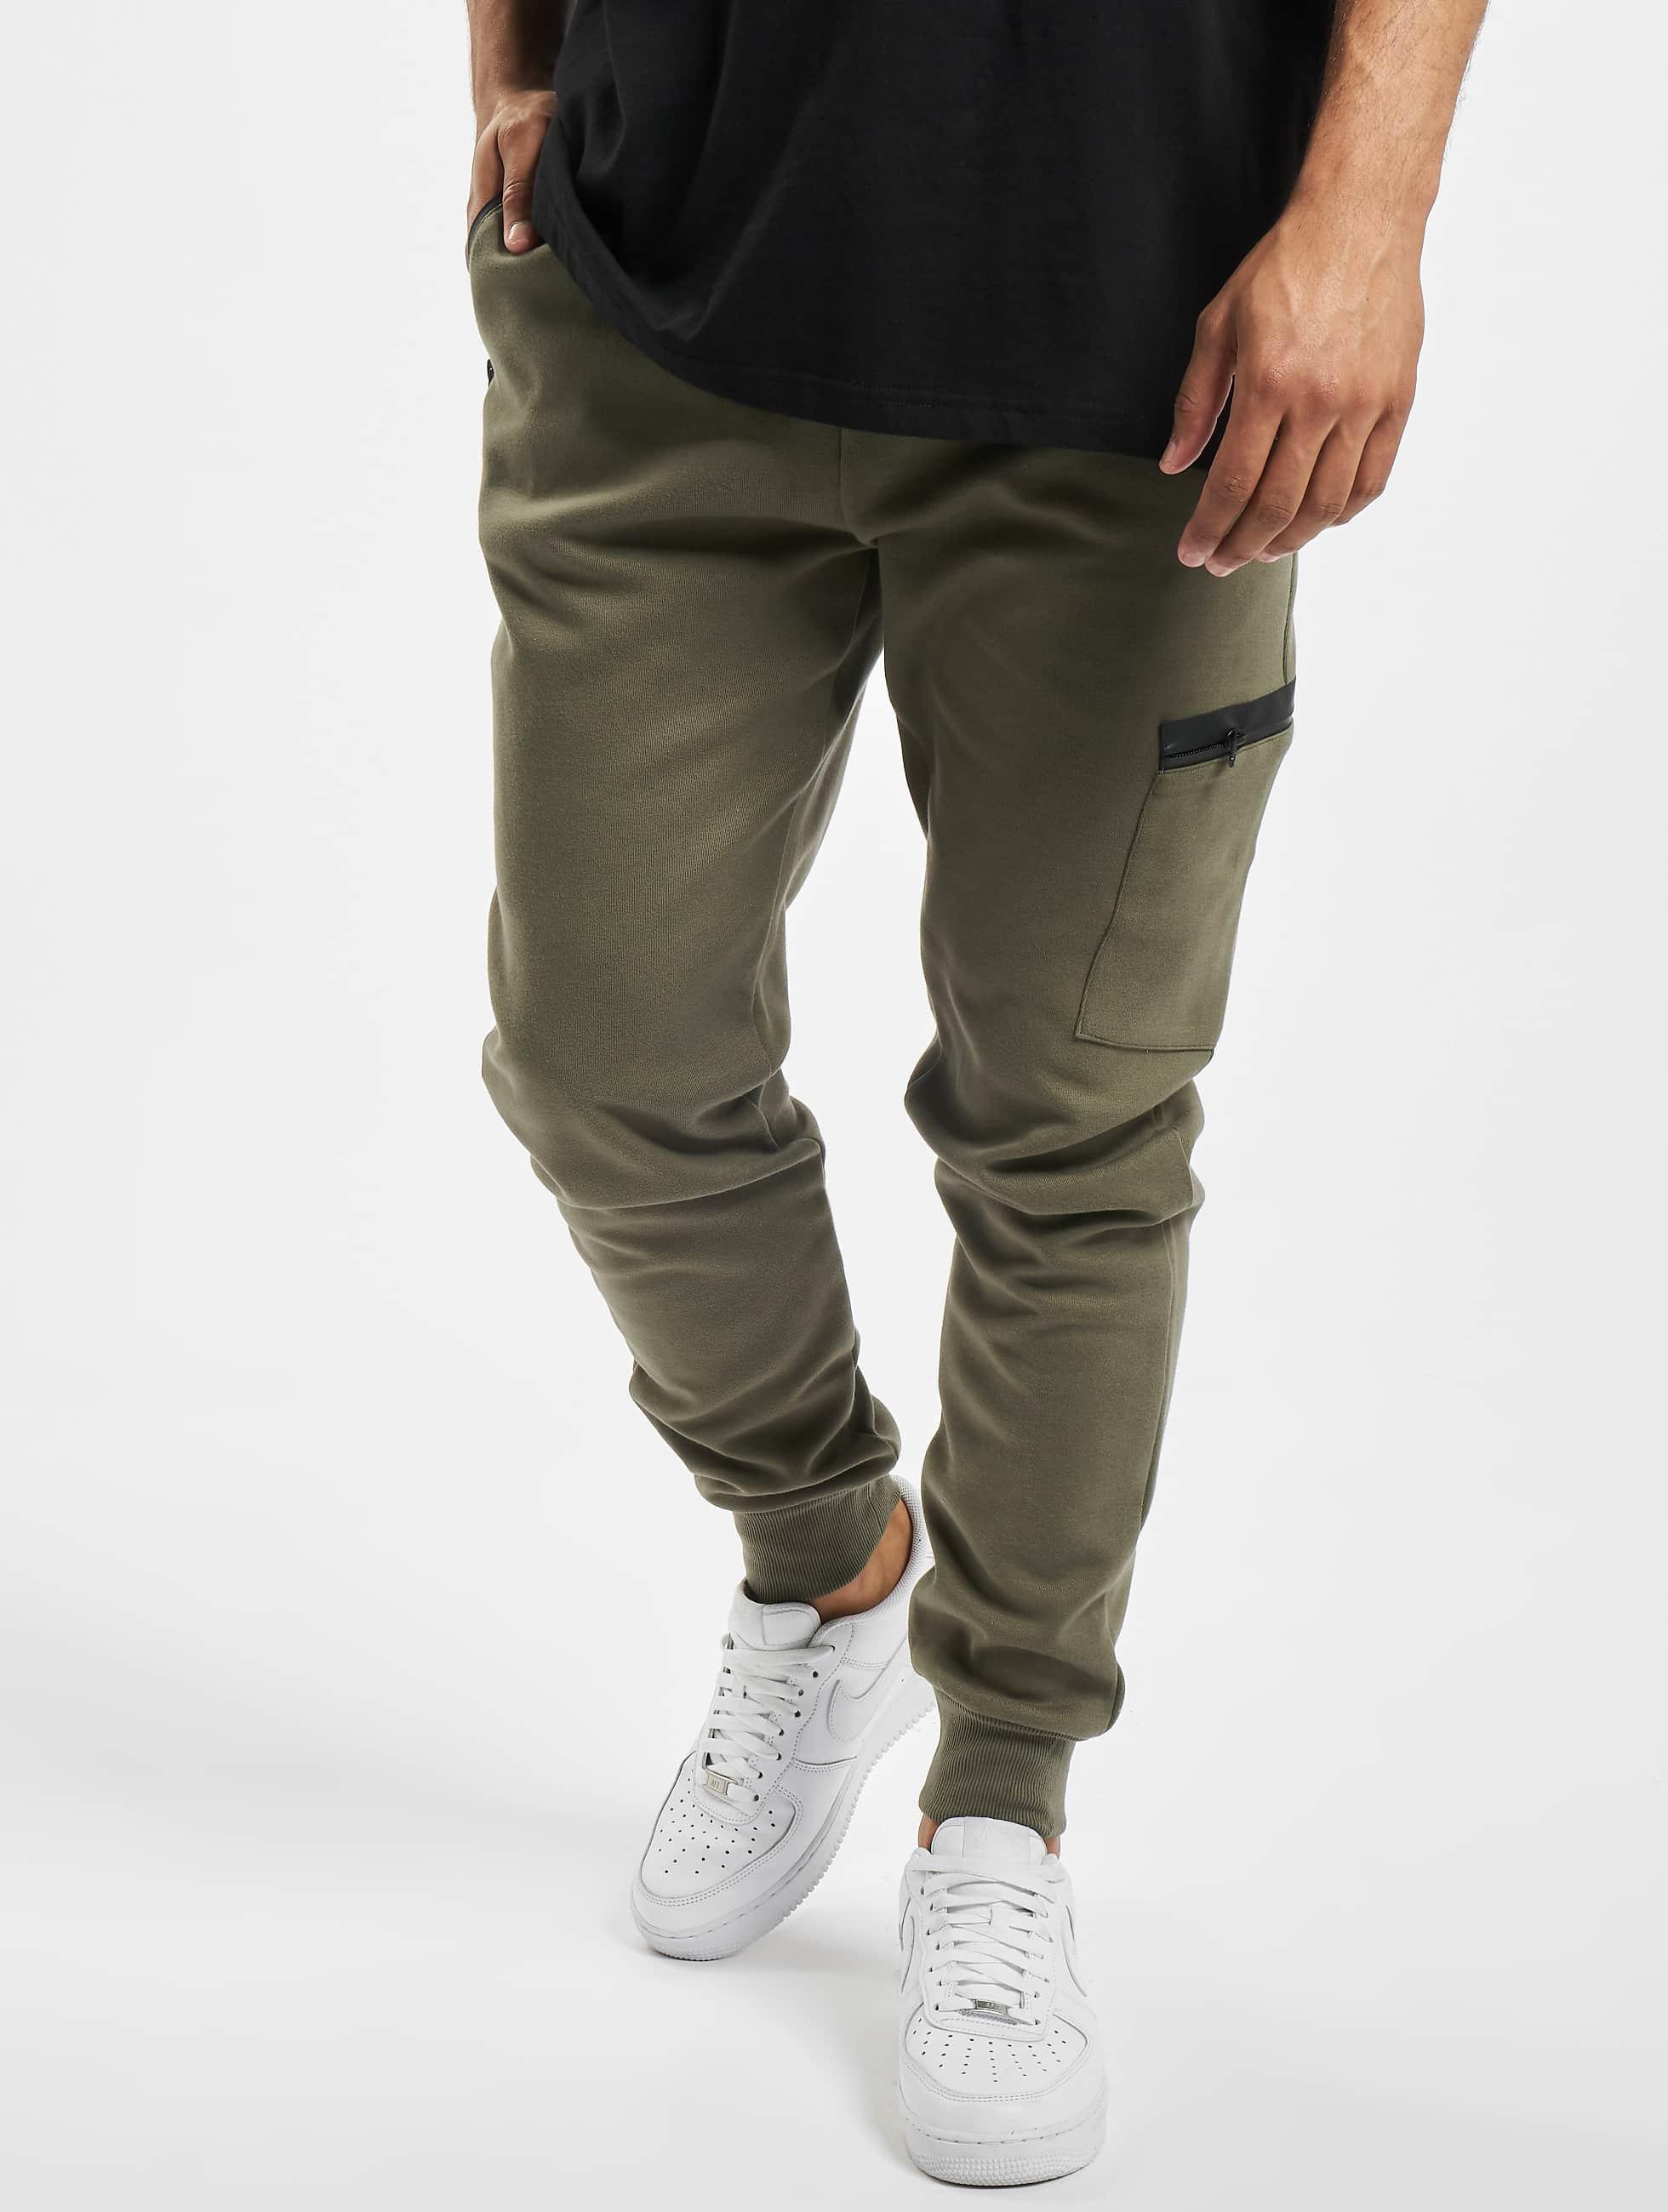 Urban Classics Spodnie do joggingu Athletic Interlock oliwkowy